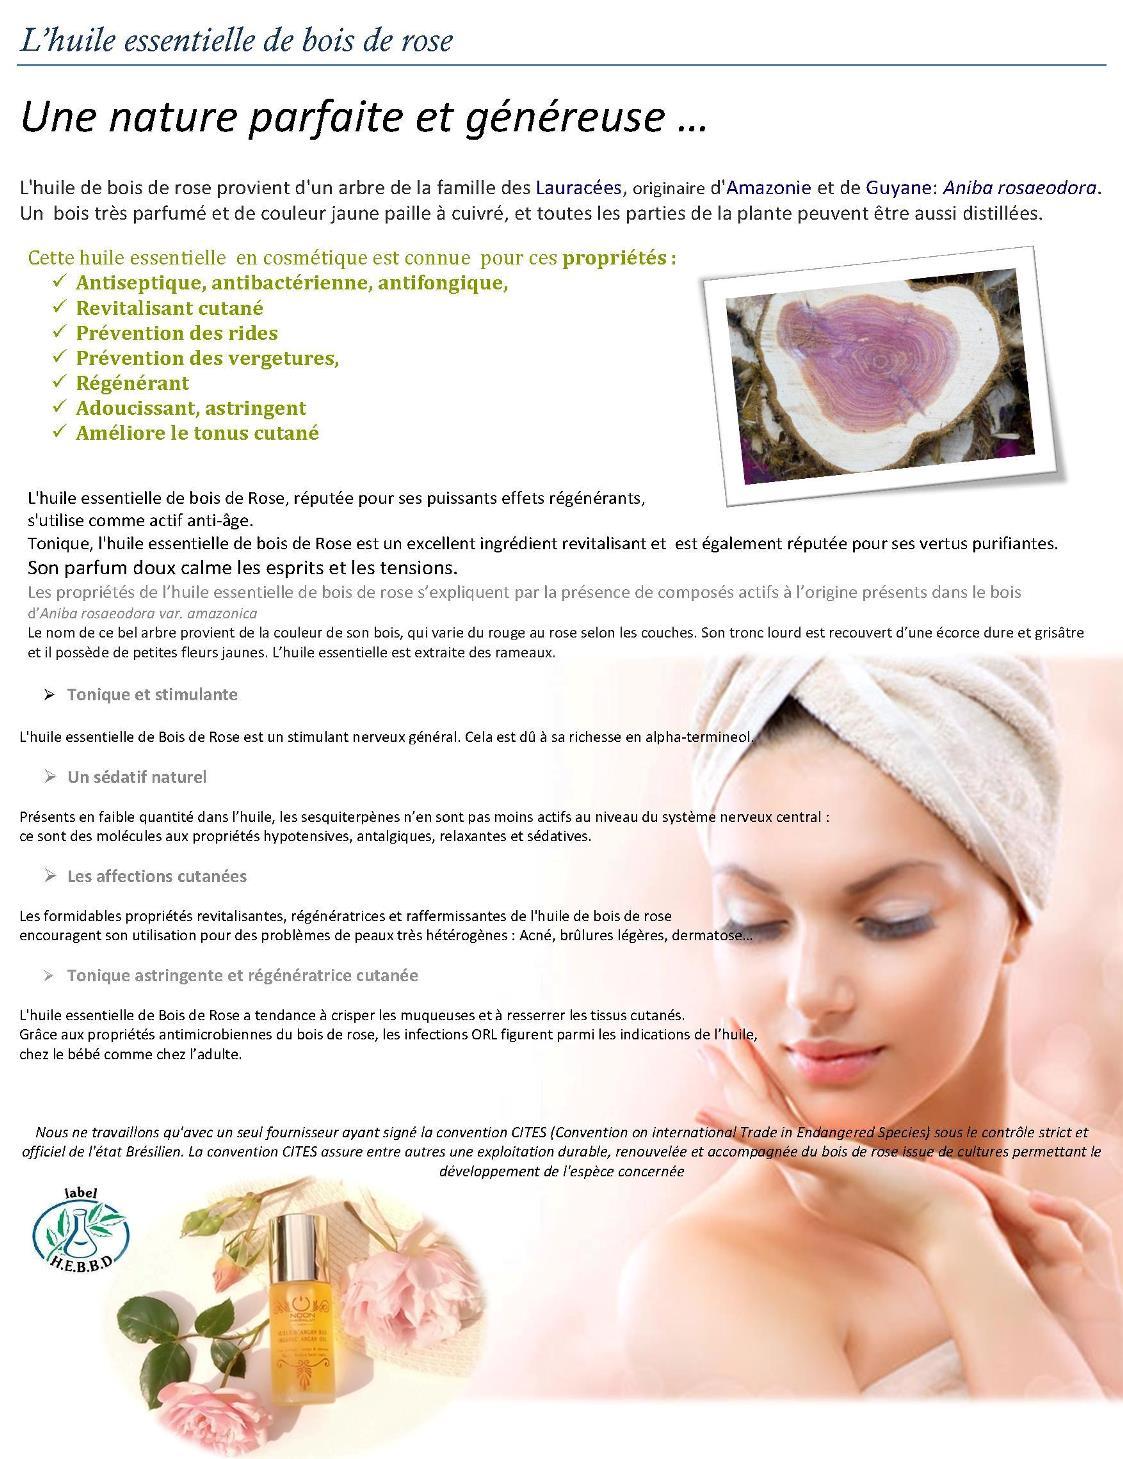 En savoir plus sur l'huile essentielle de bois de rose